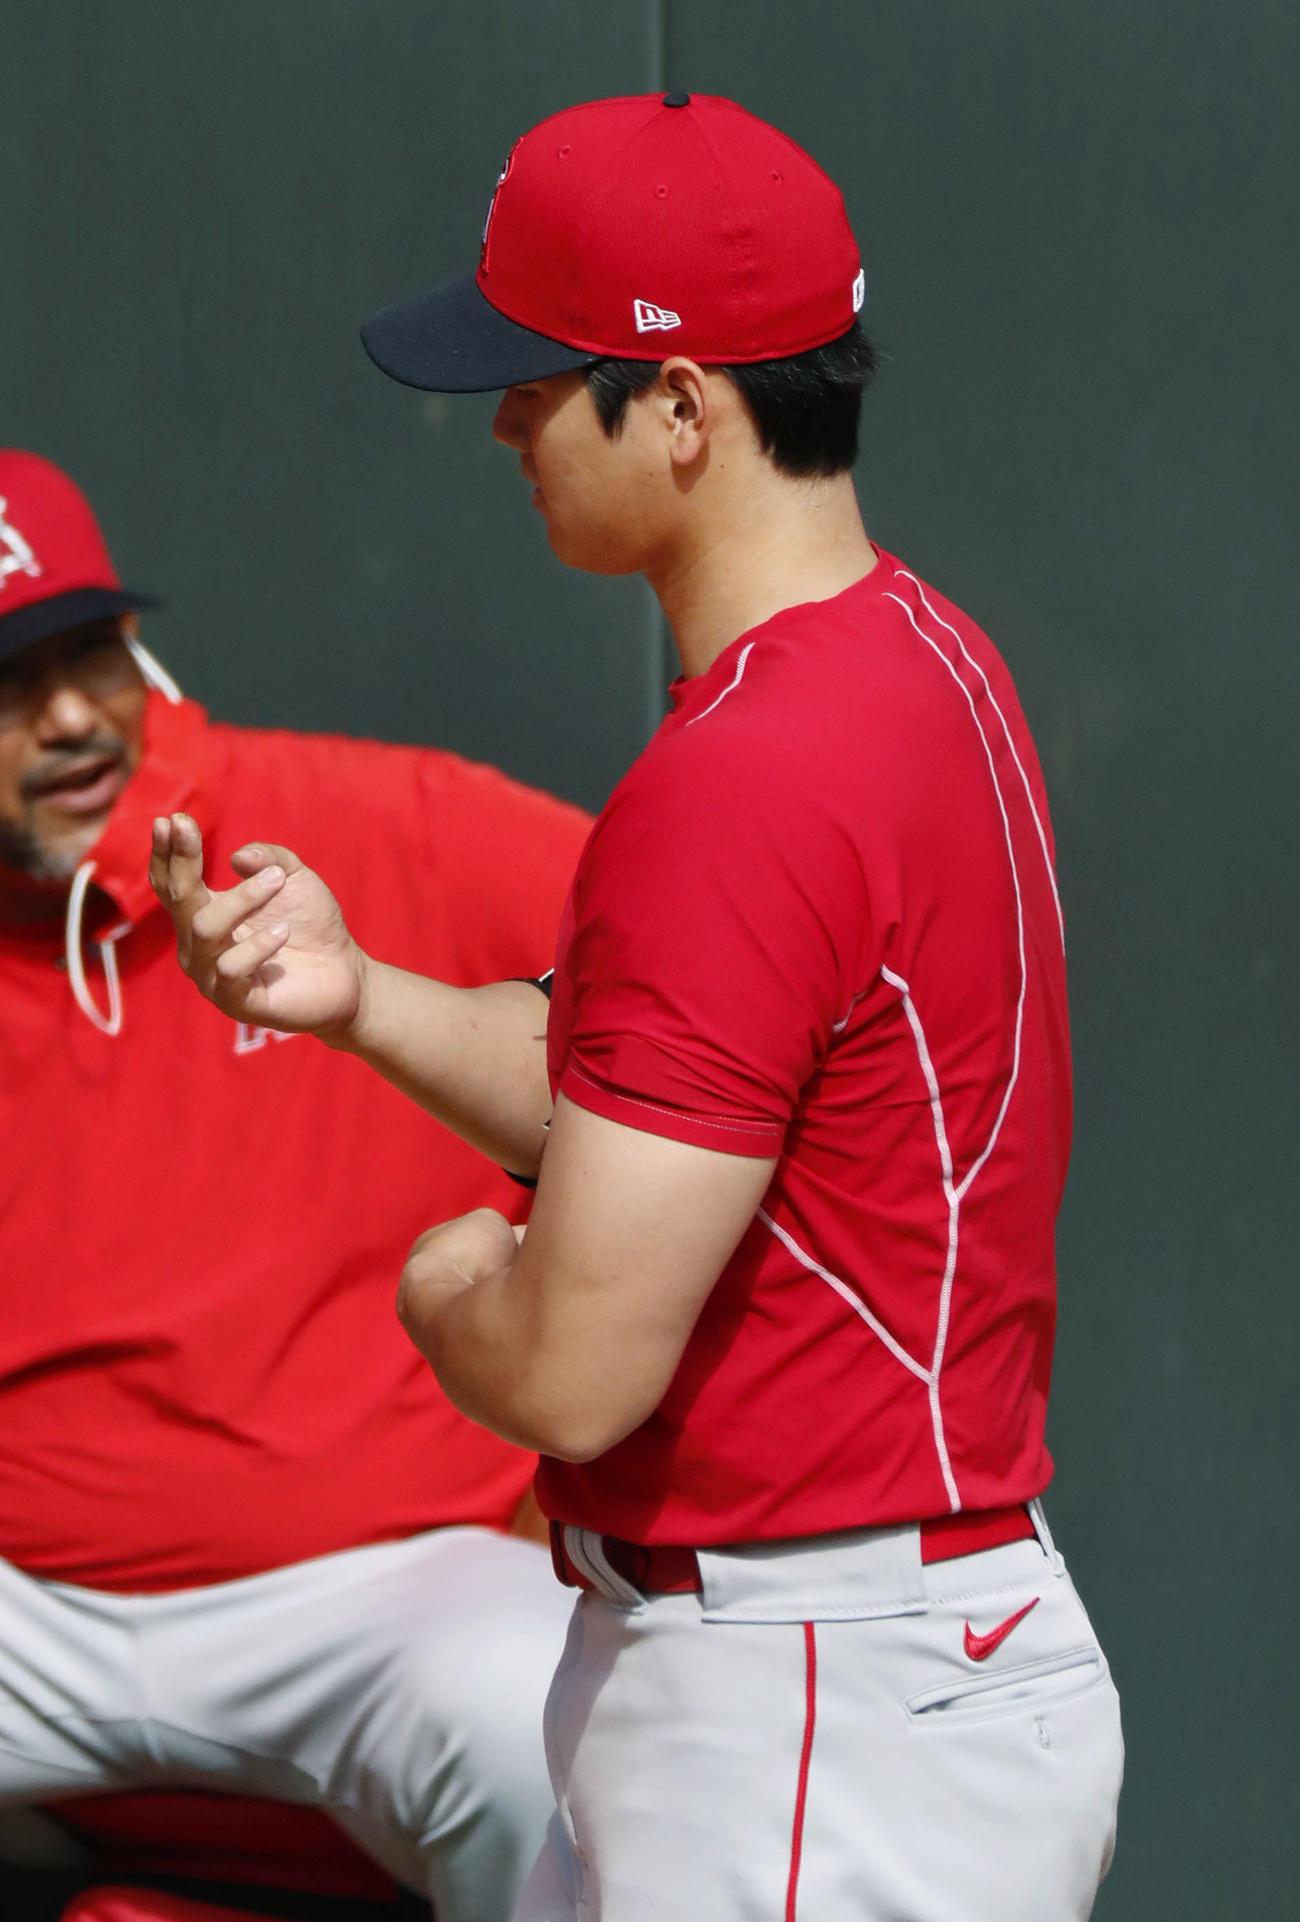 ブルペンでの投球練習を終え、指を気にするしぐさを見せるエンゼルス大谷(共同)